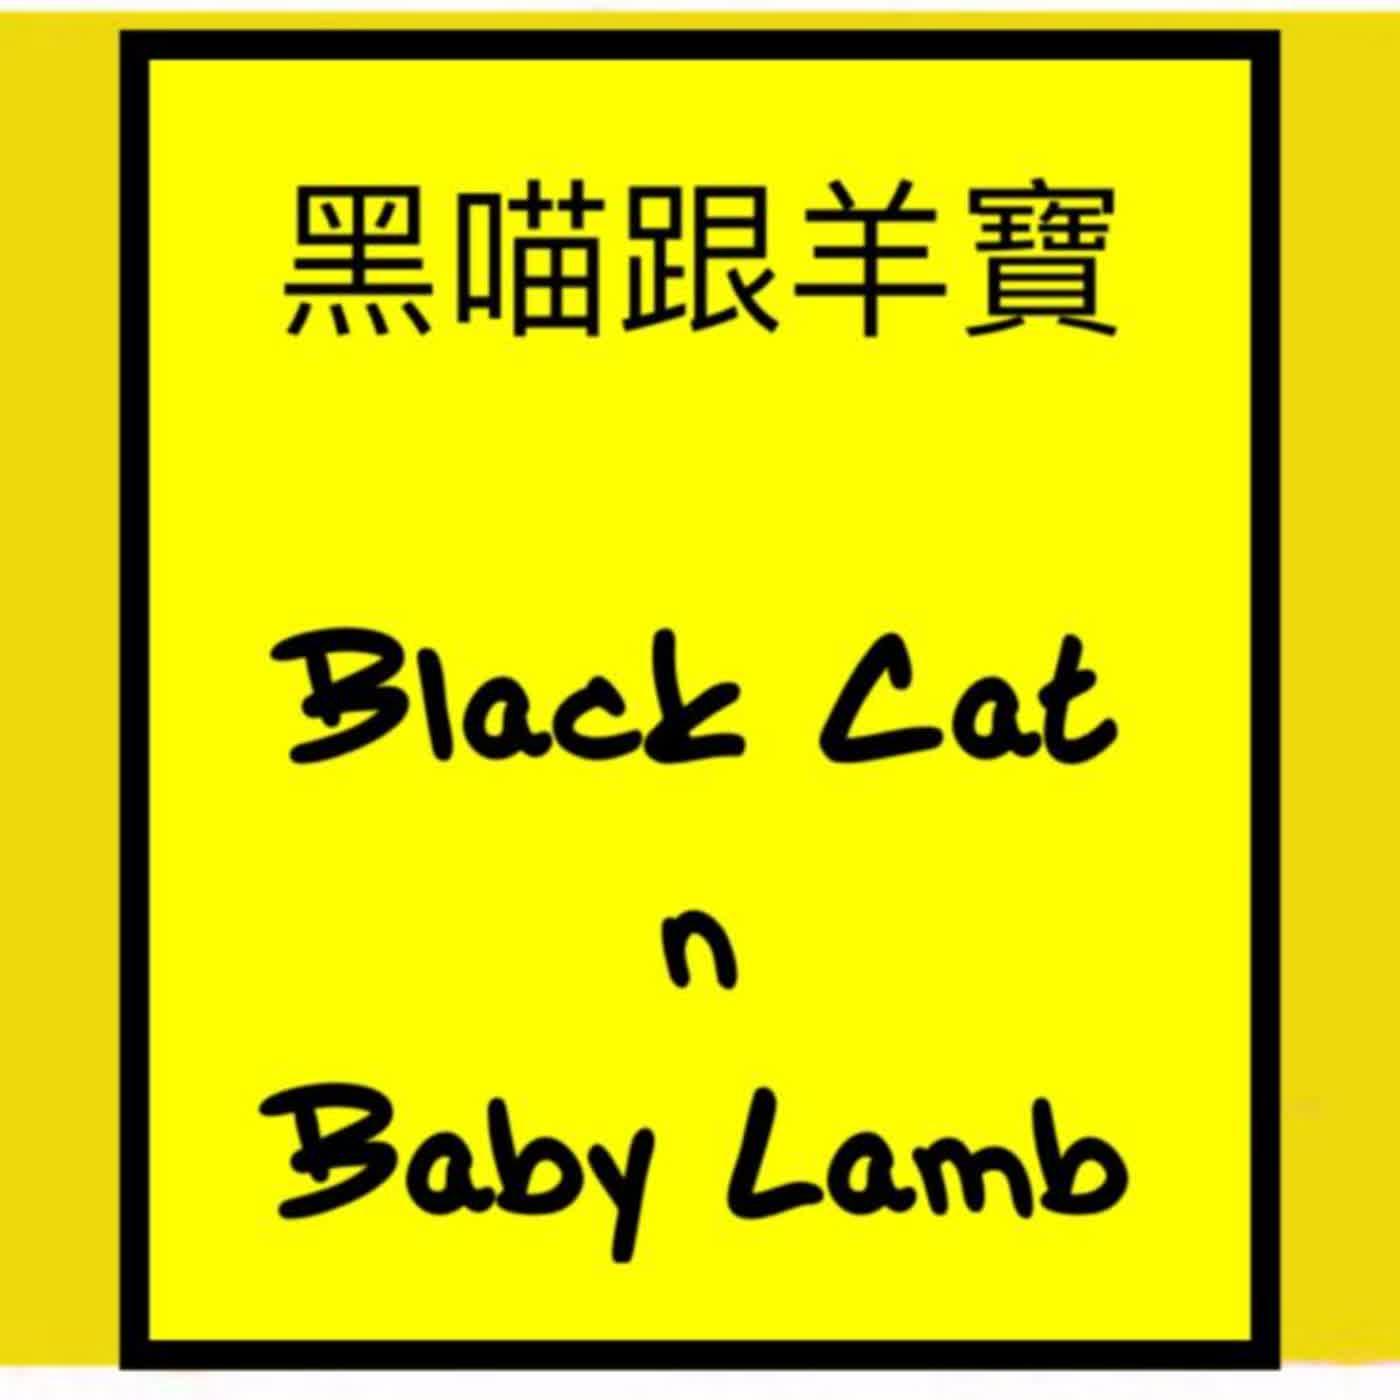 黑喵與羊寶 Black Cat n Baby Lamb